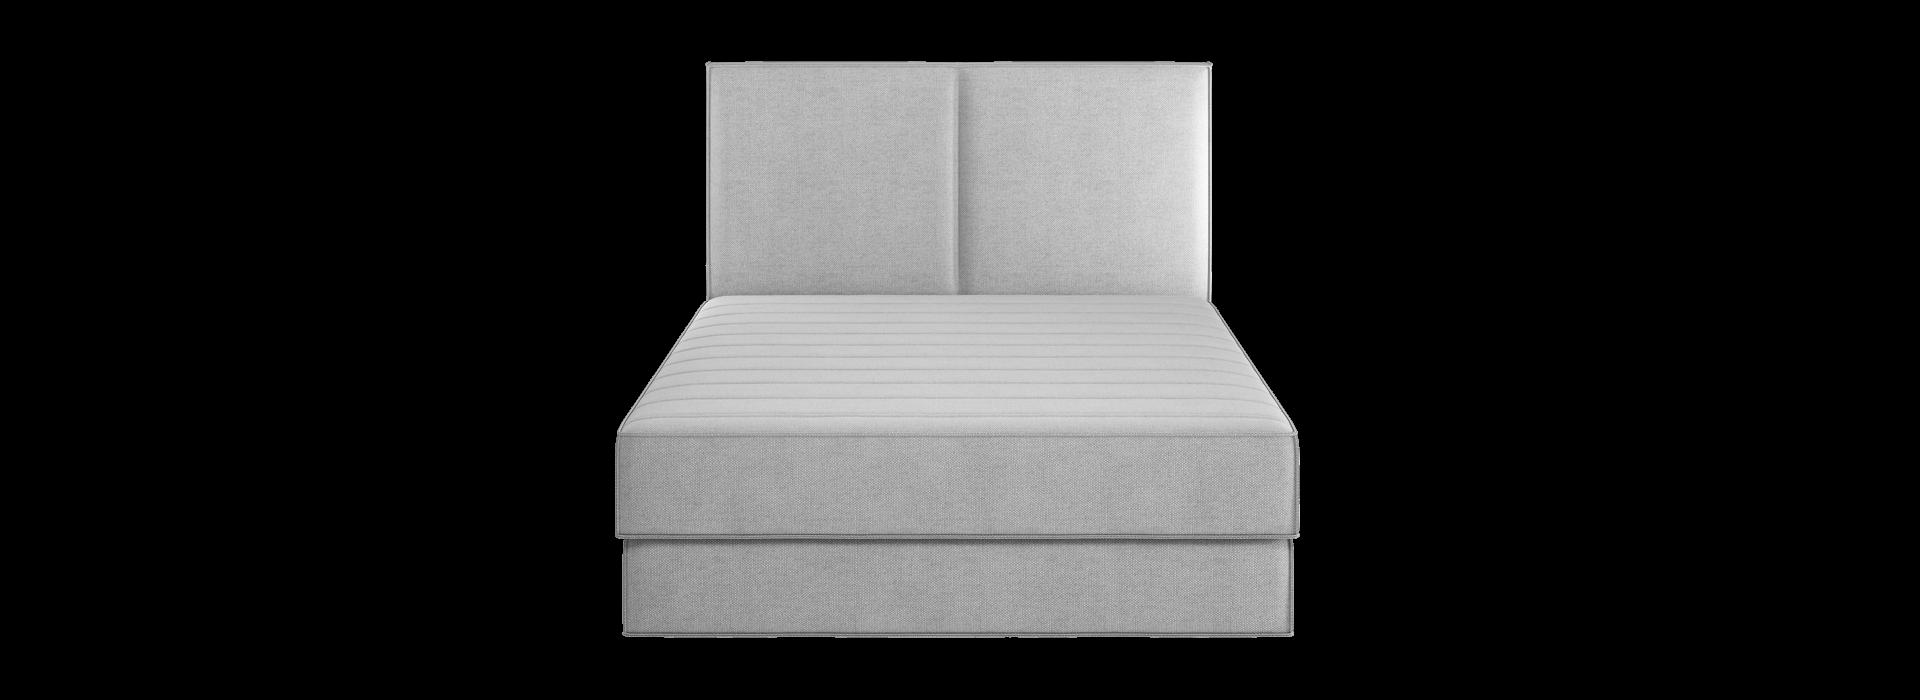 Фрея 1.4 ліжко з підйомником - маска 3